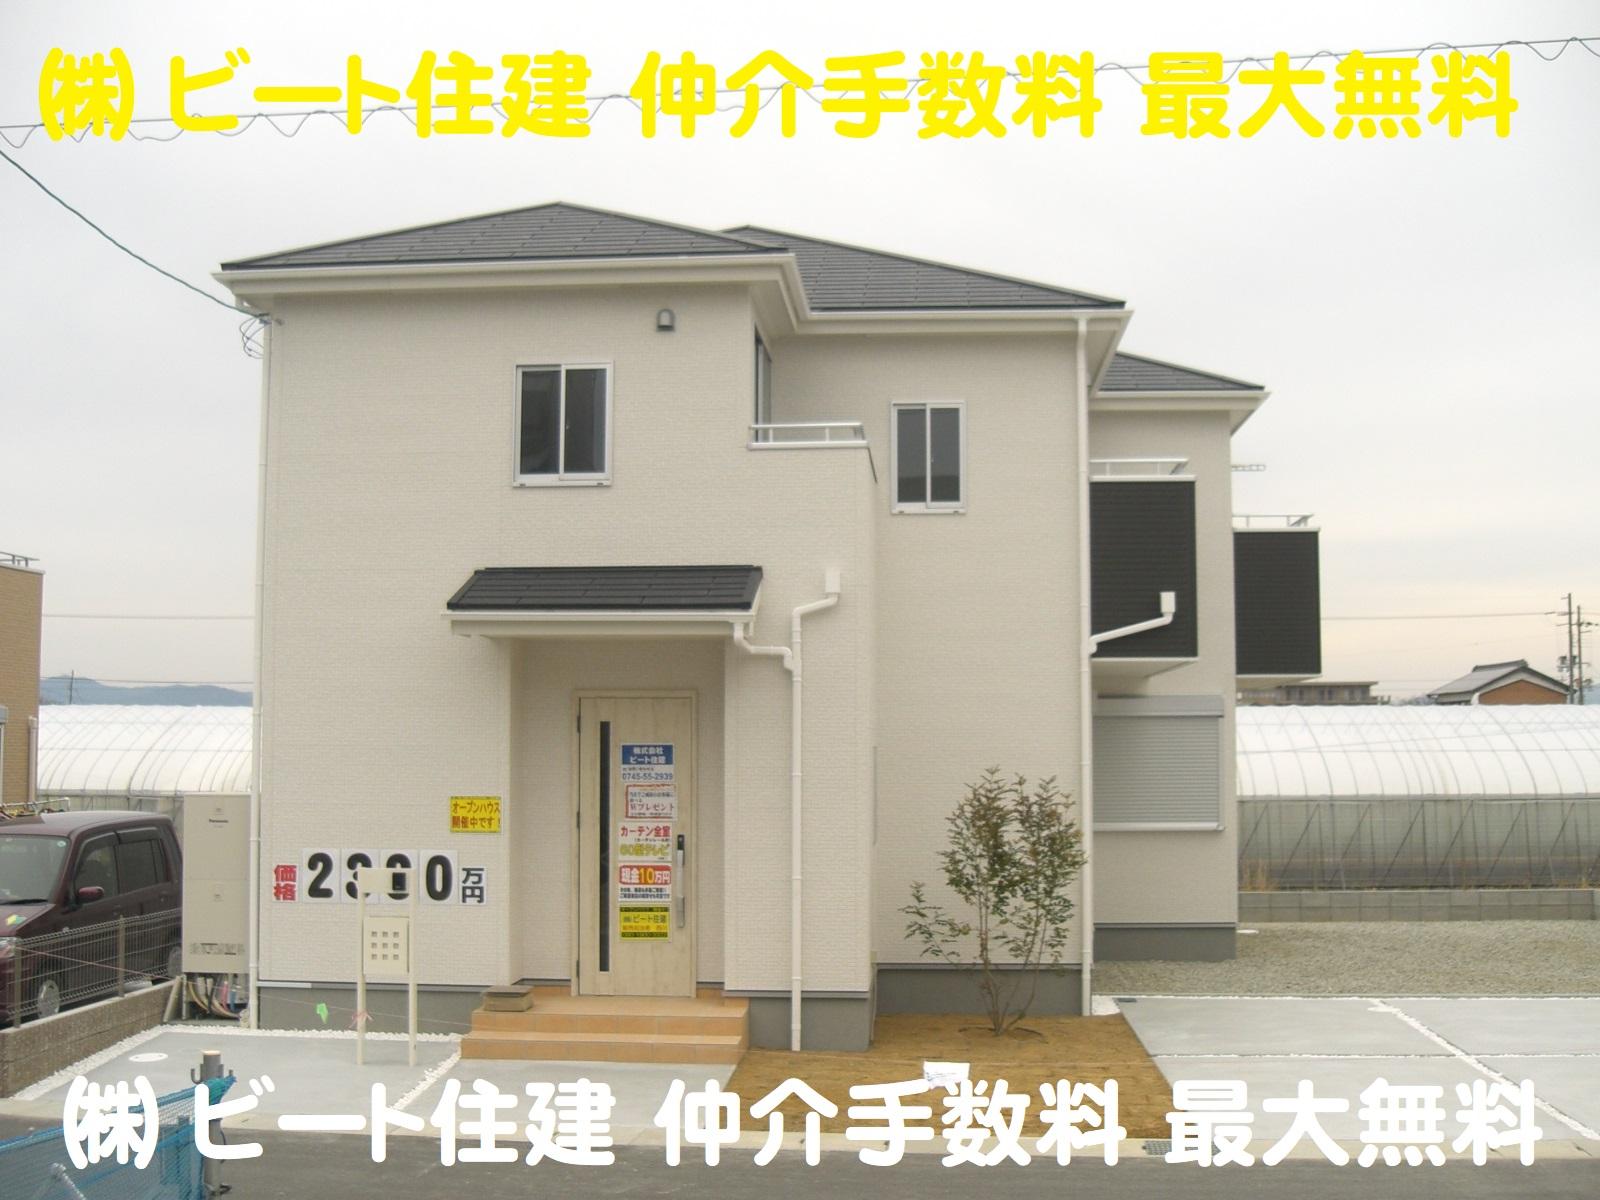 奈良県 飯田グループホールディングス 新築住宅 ビート住建 仲介手数料無料です!(外観)